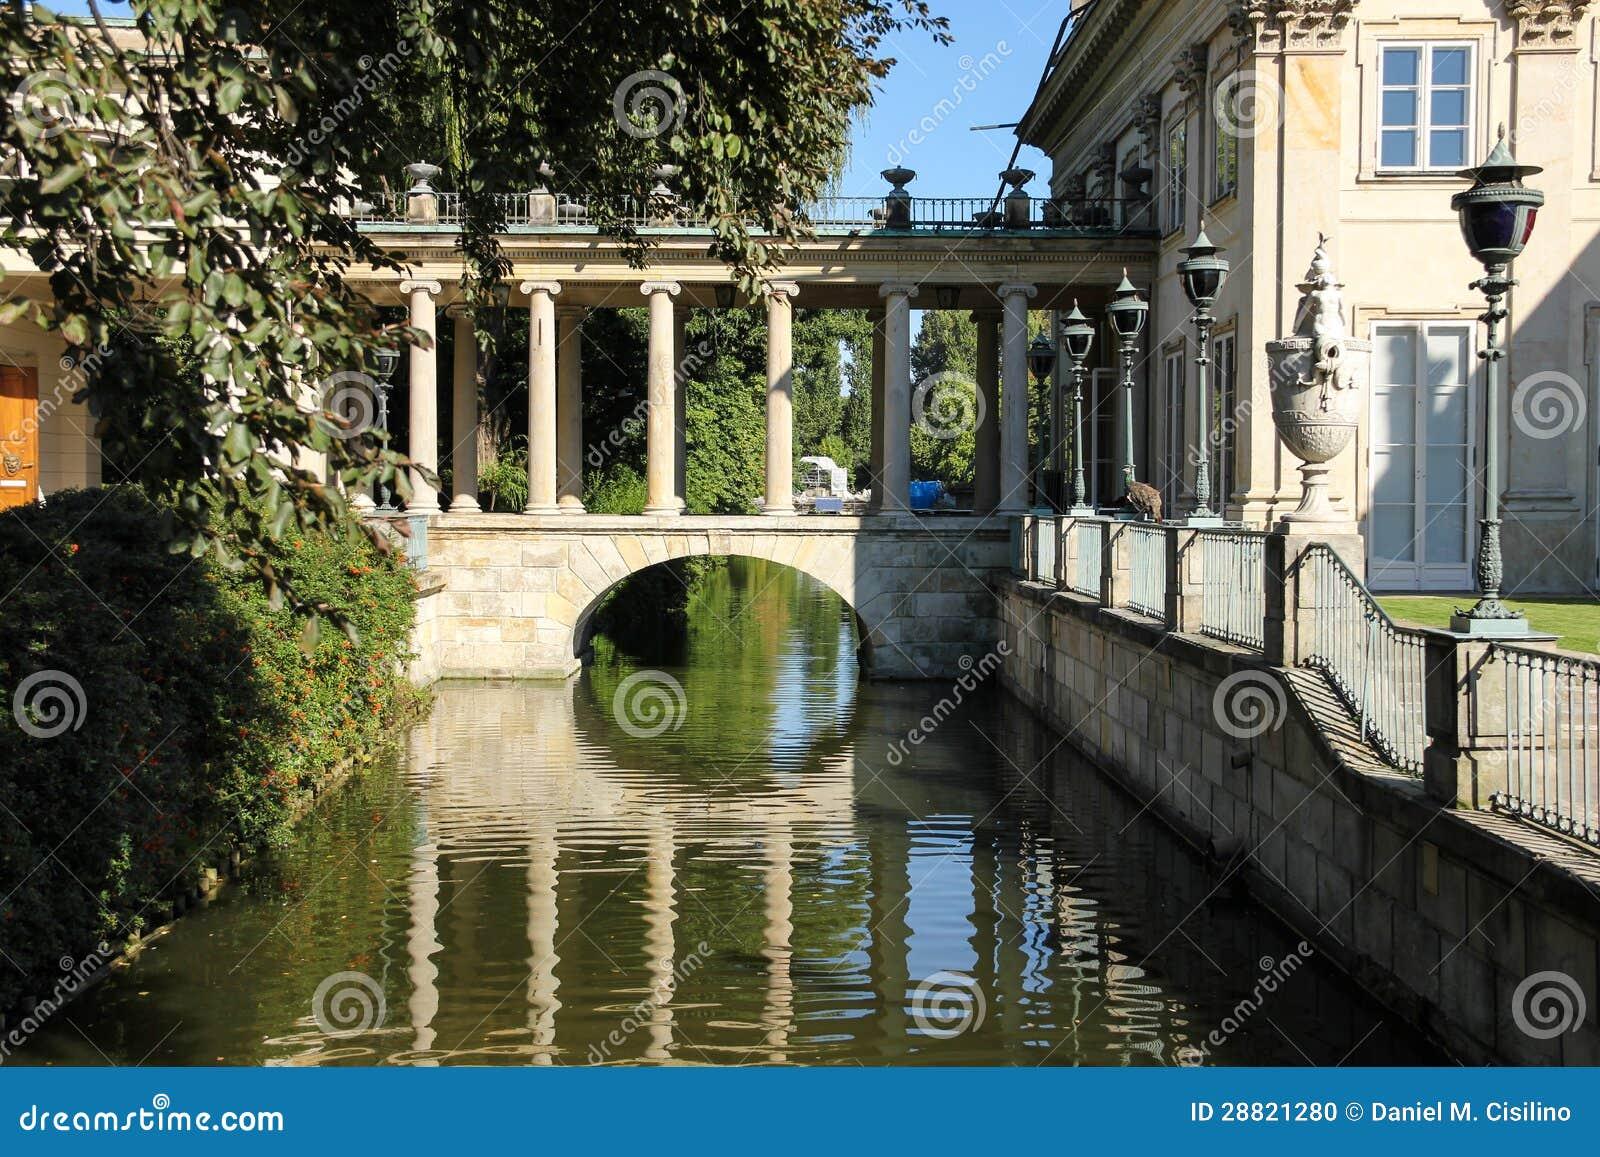 Der Palast auf dem Wasser oder dem Lazienki Palast. Warschau. Polen.